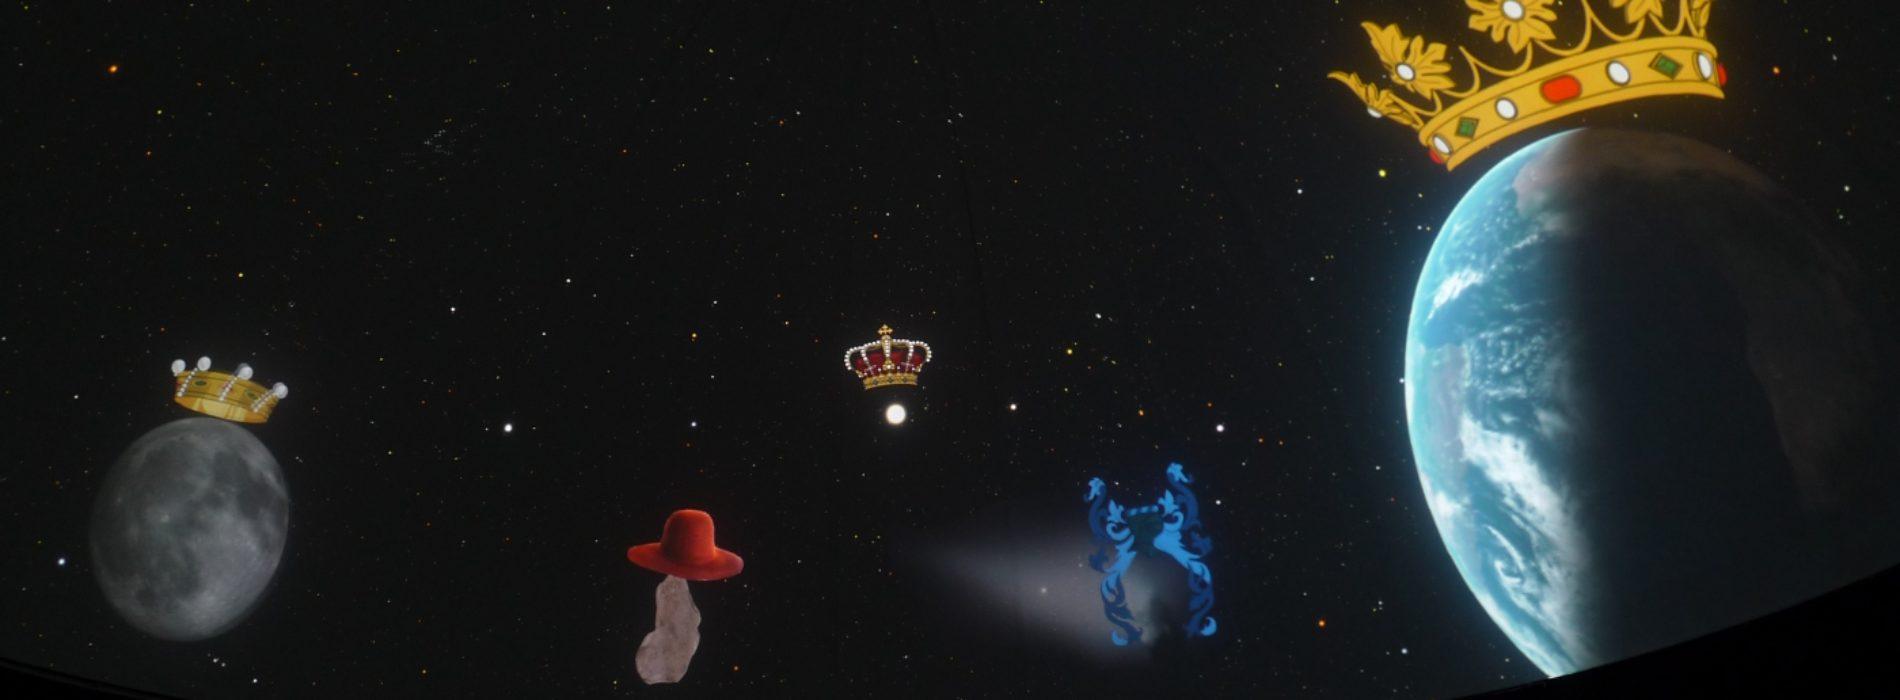 Riapre il Planetario, un Ferragosto spaziale con Re Sole